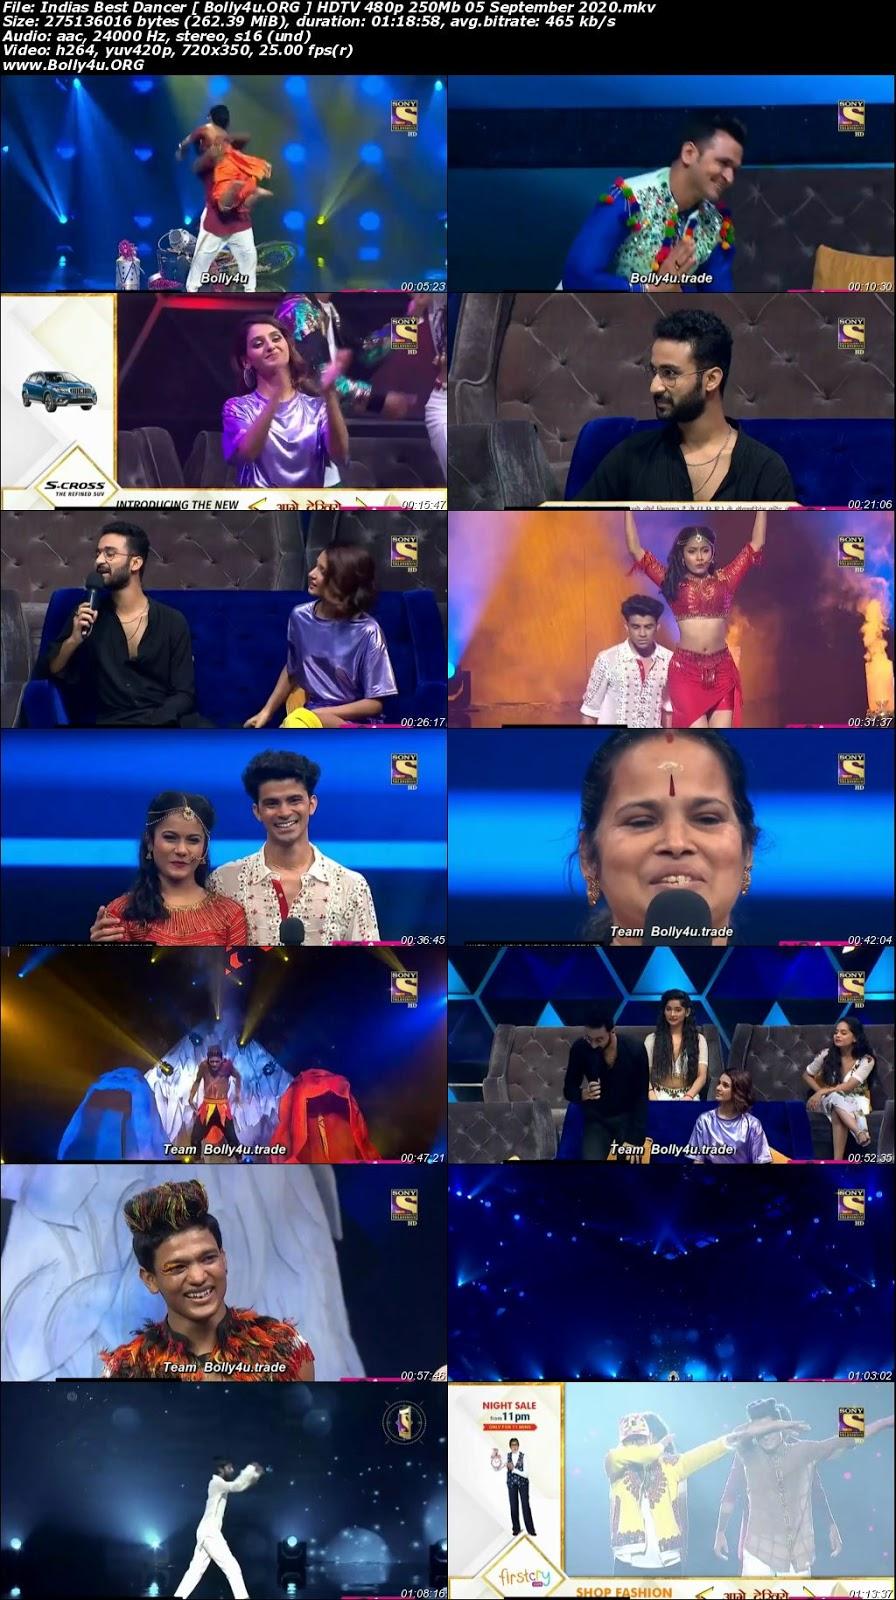 Indias Best Dancer HDTV 480p 250Mb 05 September 2020 Download